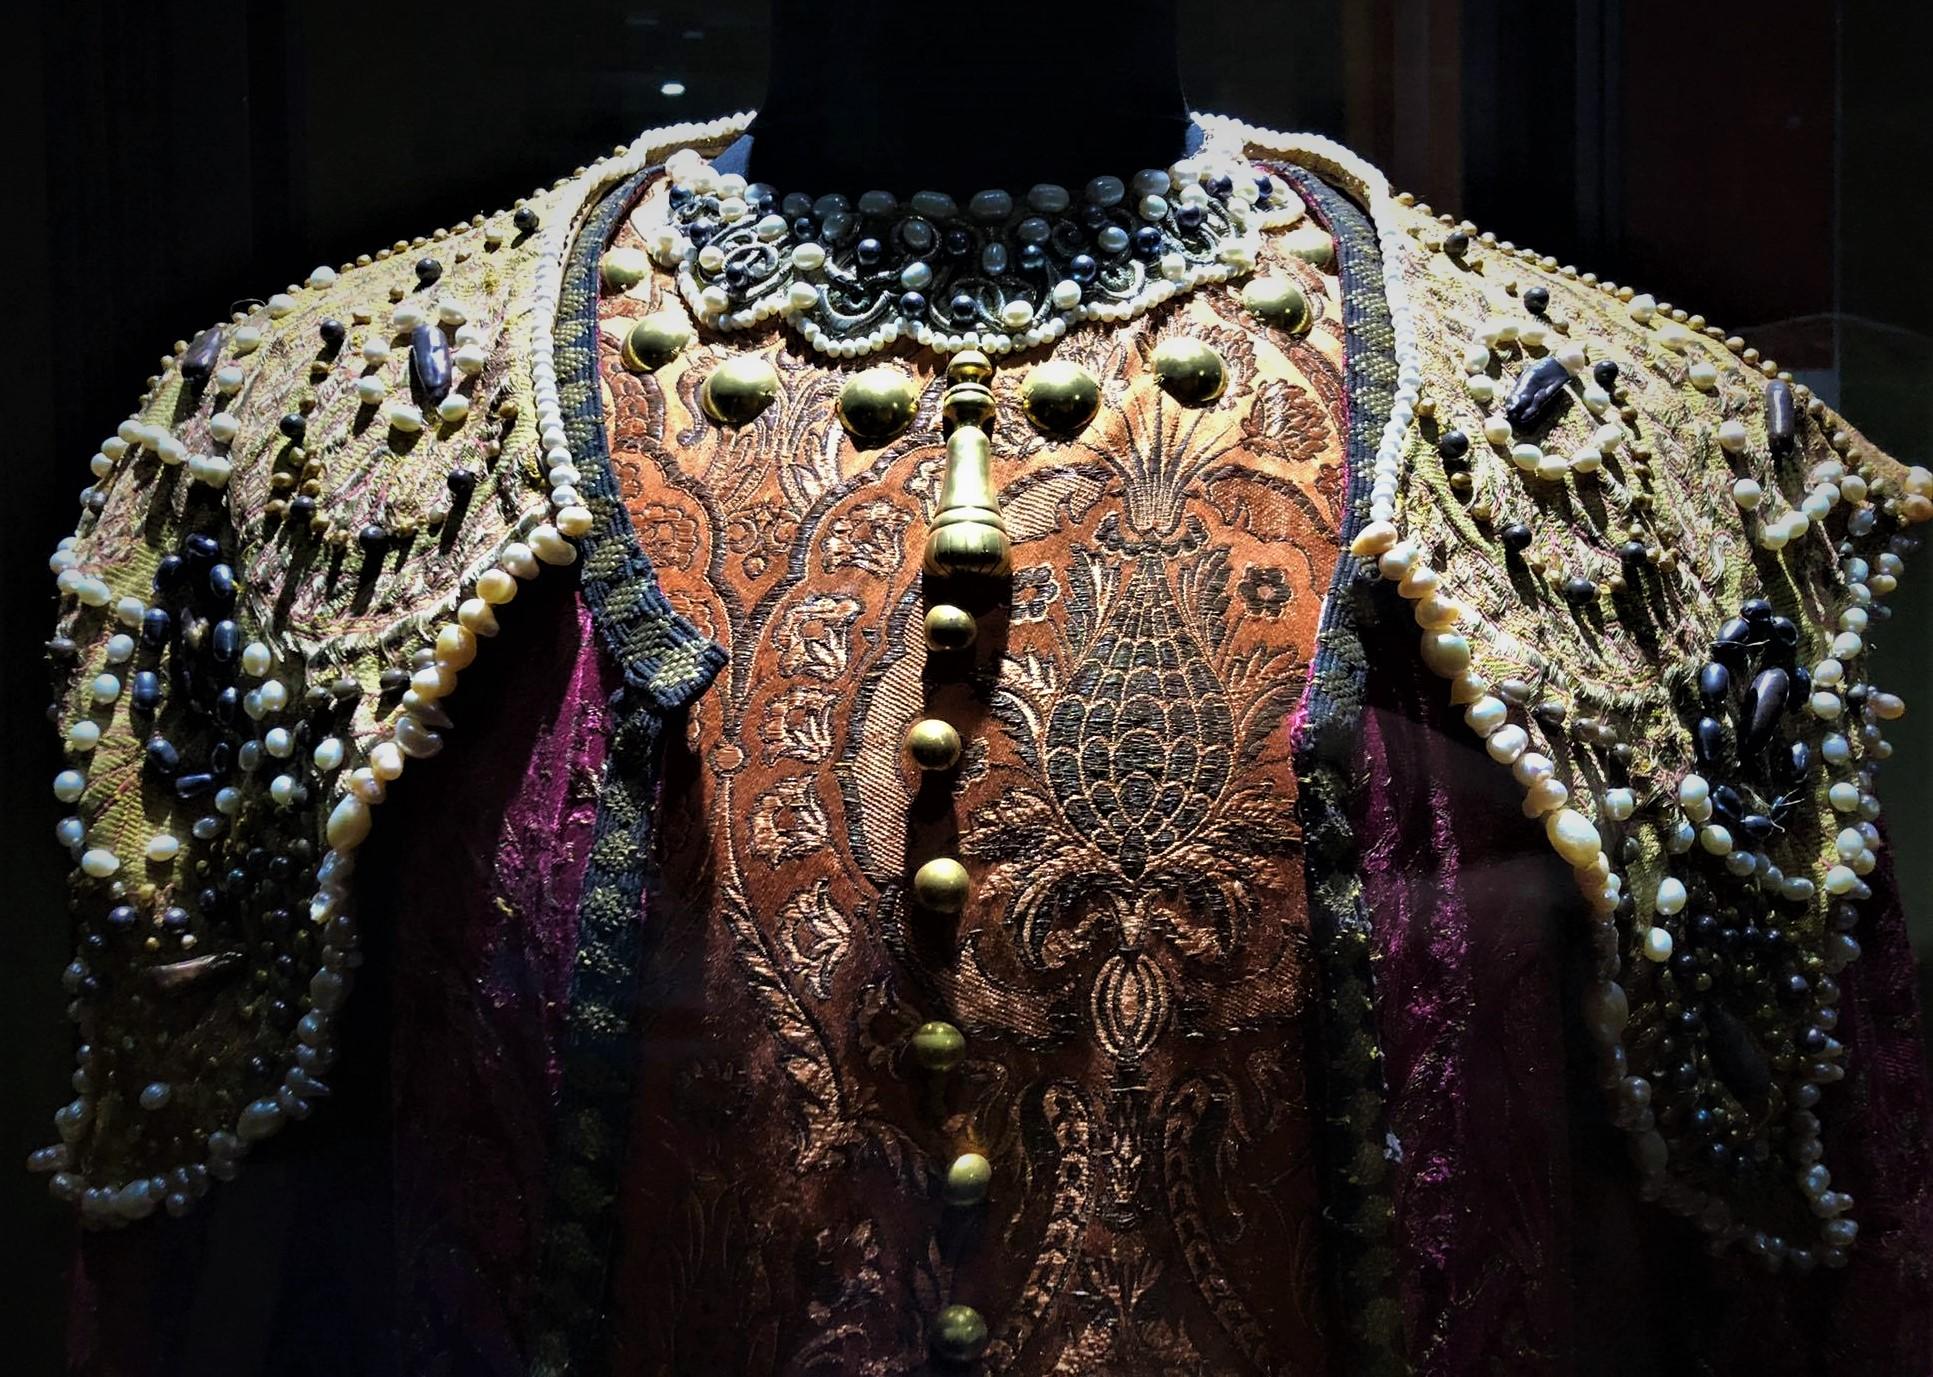 187586453 2576419142662520 8133793313308204579 n Другая SOVA featured, Георгий Каландия, Дворец искусств, мода, национальный костюм, чоха